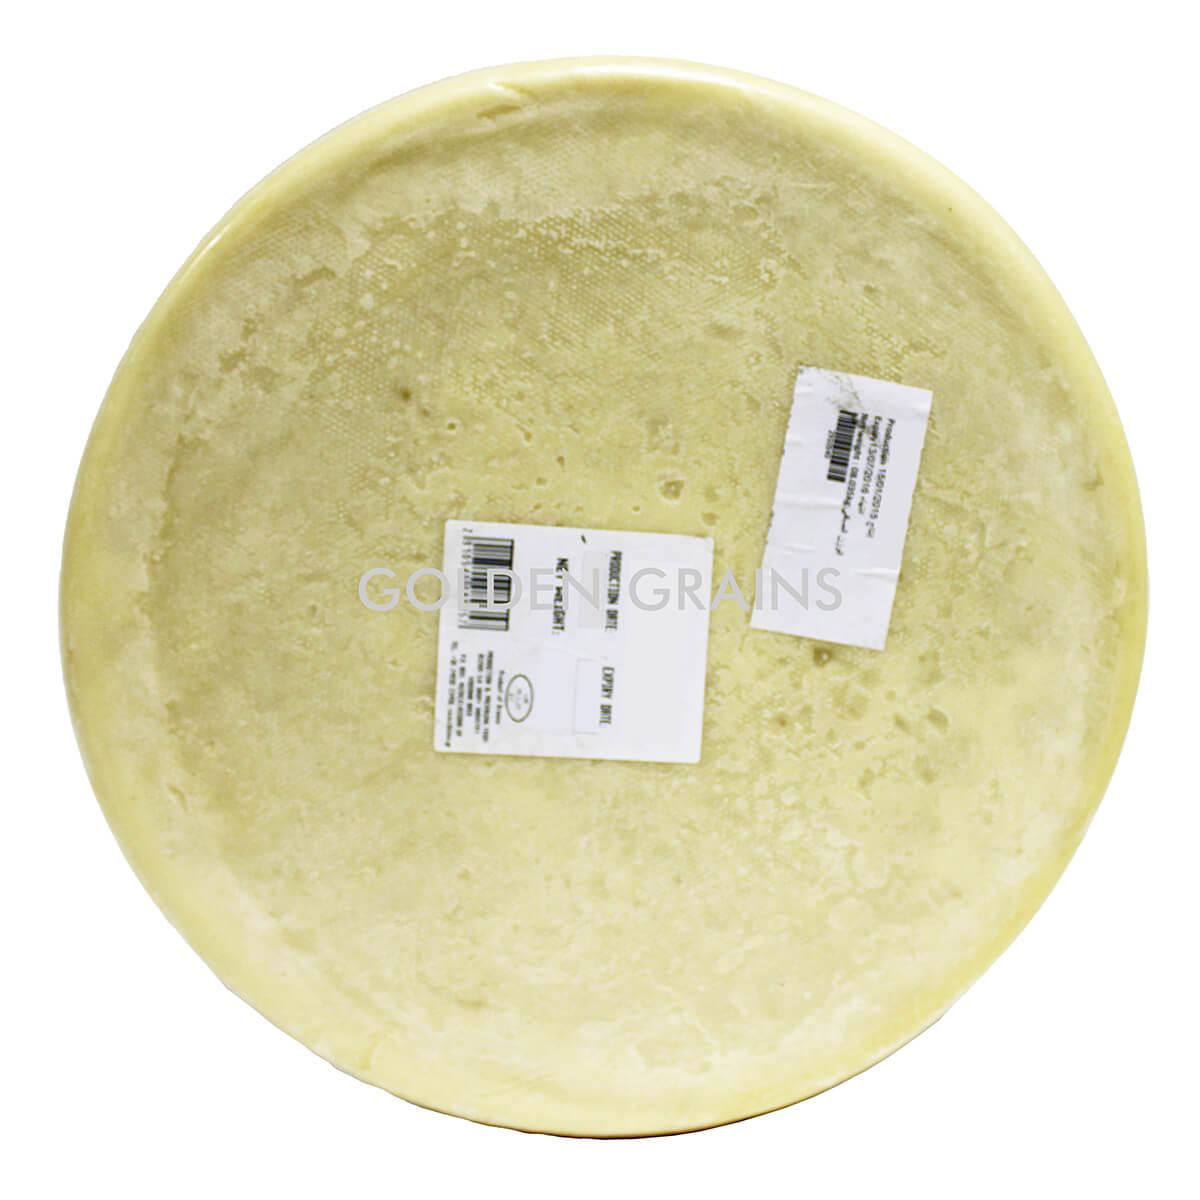 Golden Grains Kephalotry Cheese - Back.jpg